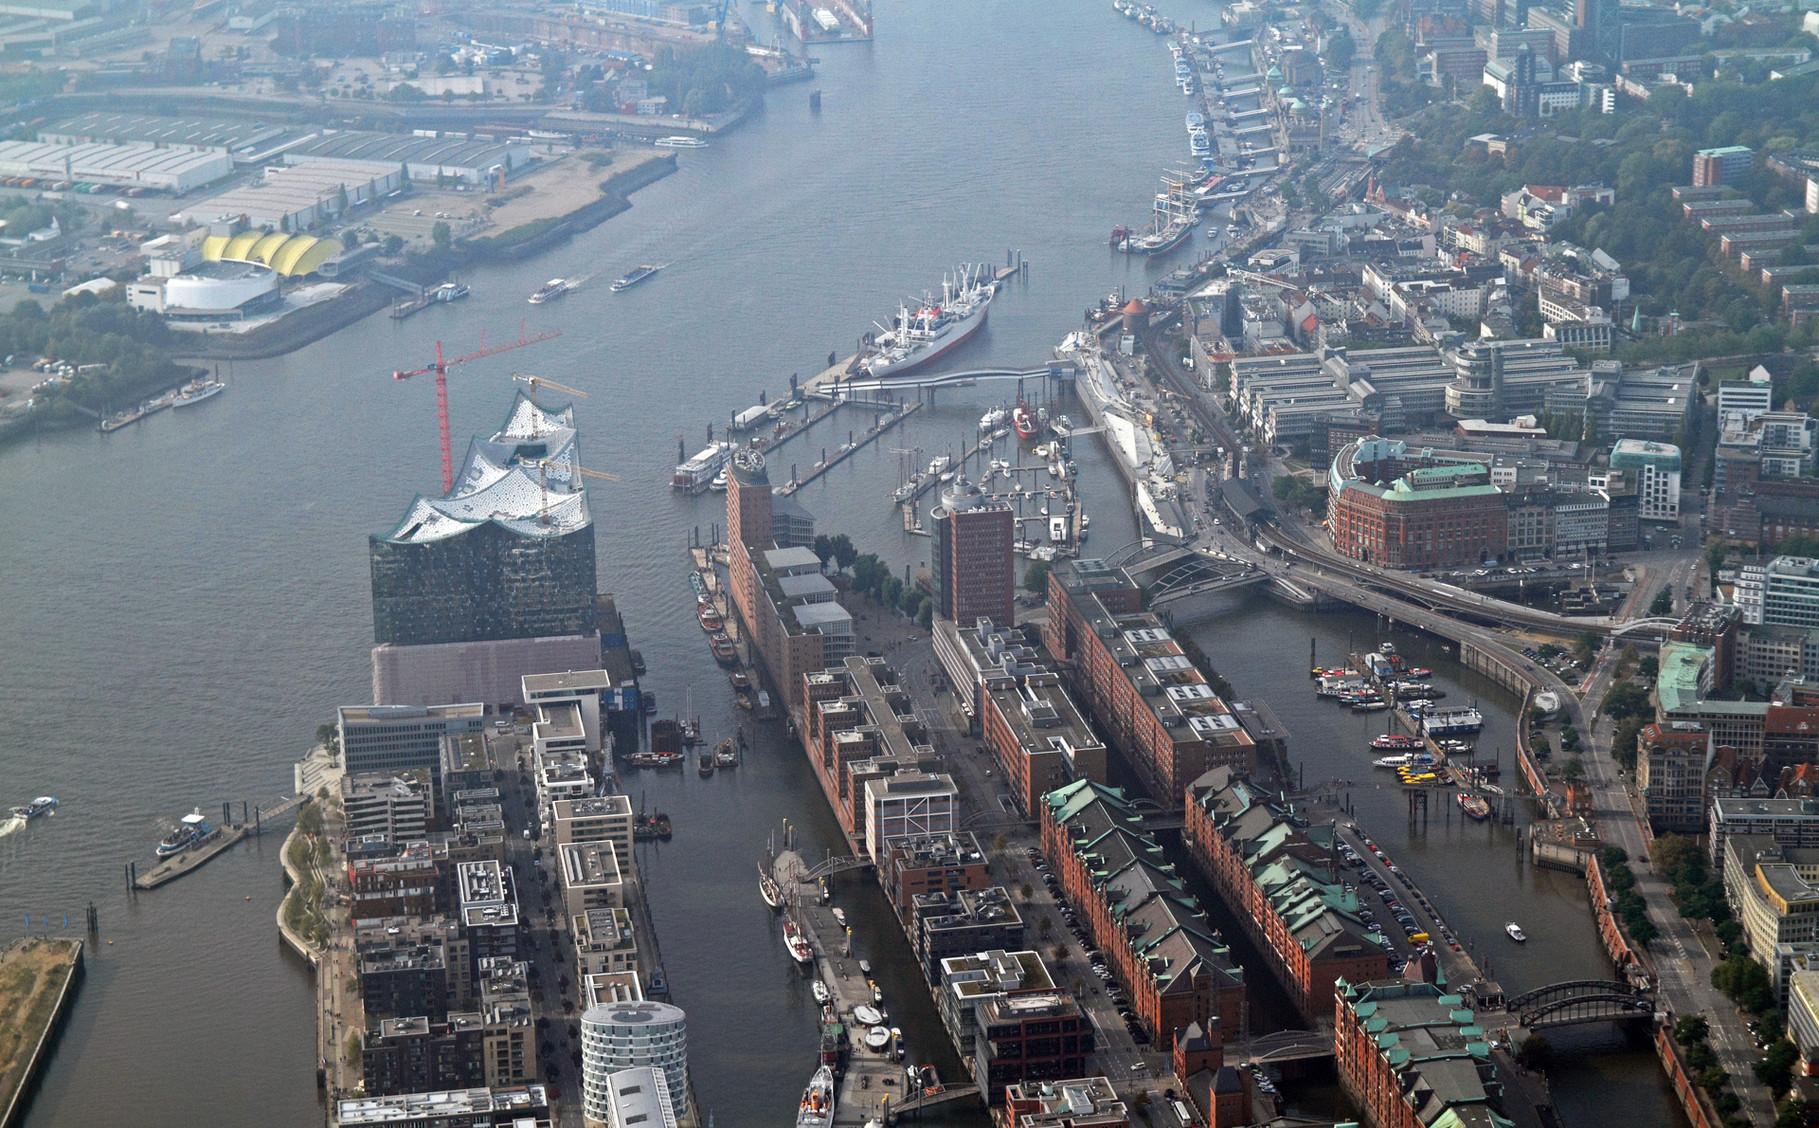 Eiphilharmonie, Landungsbrücken, Hafen